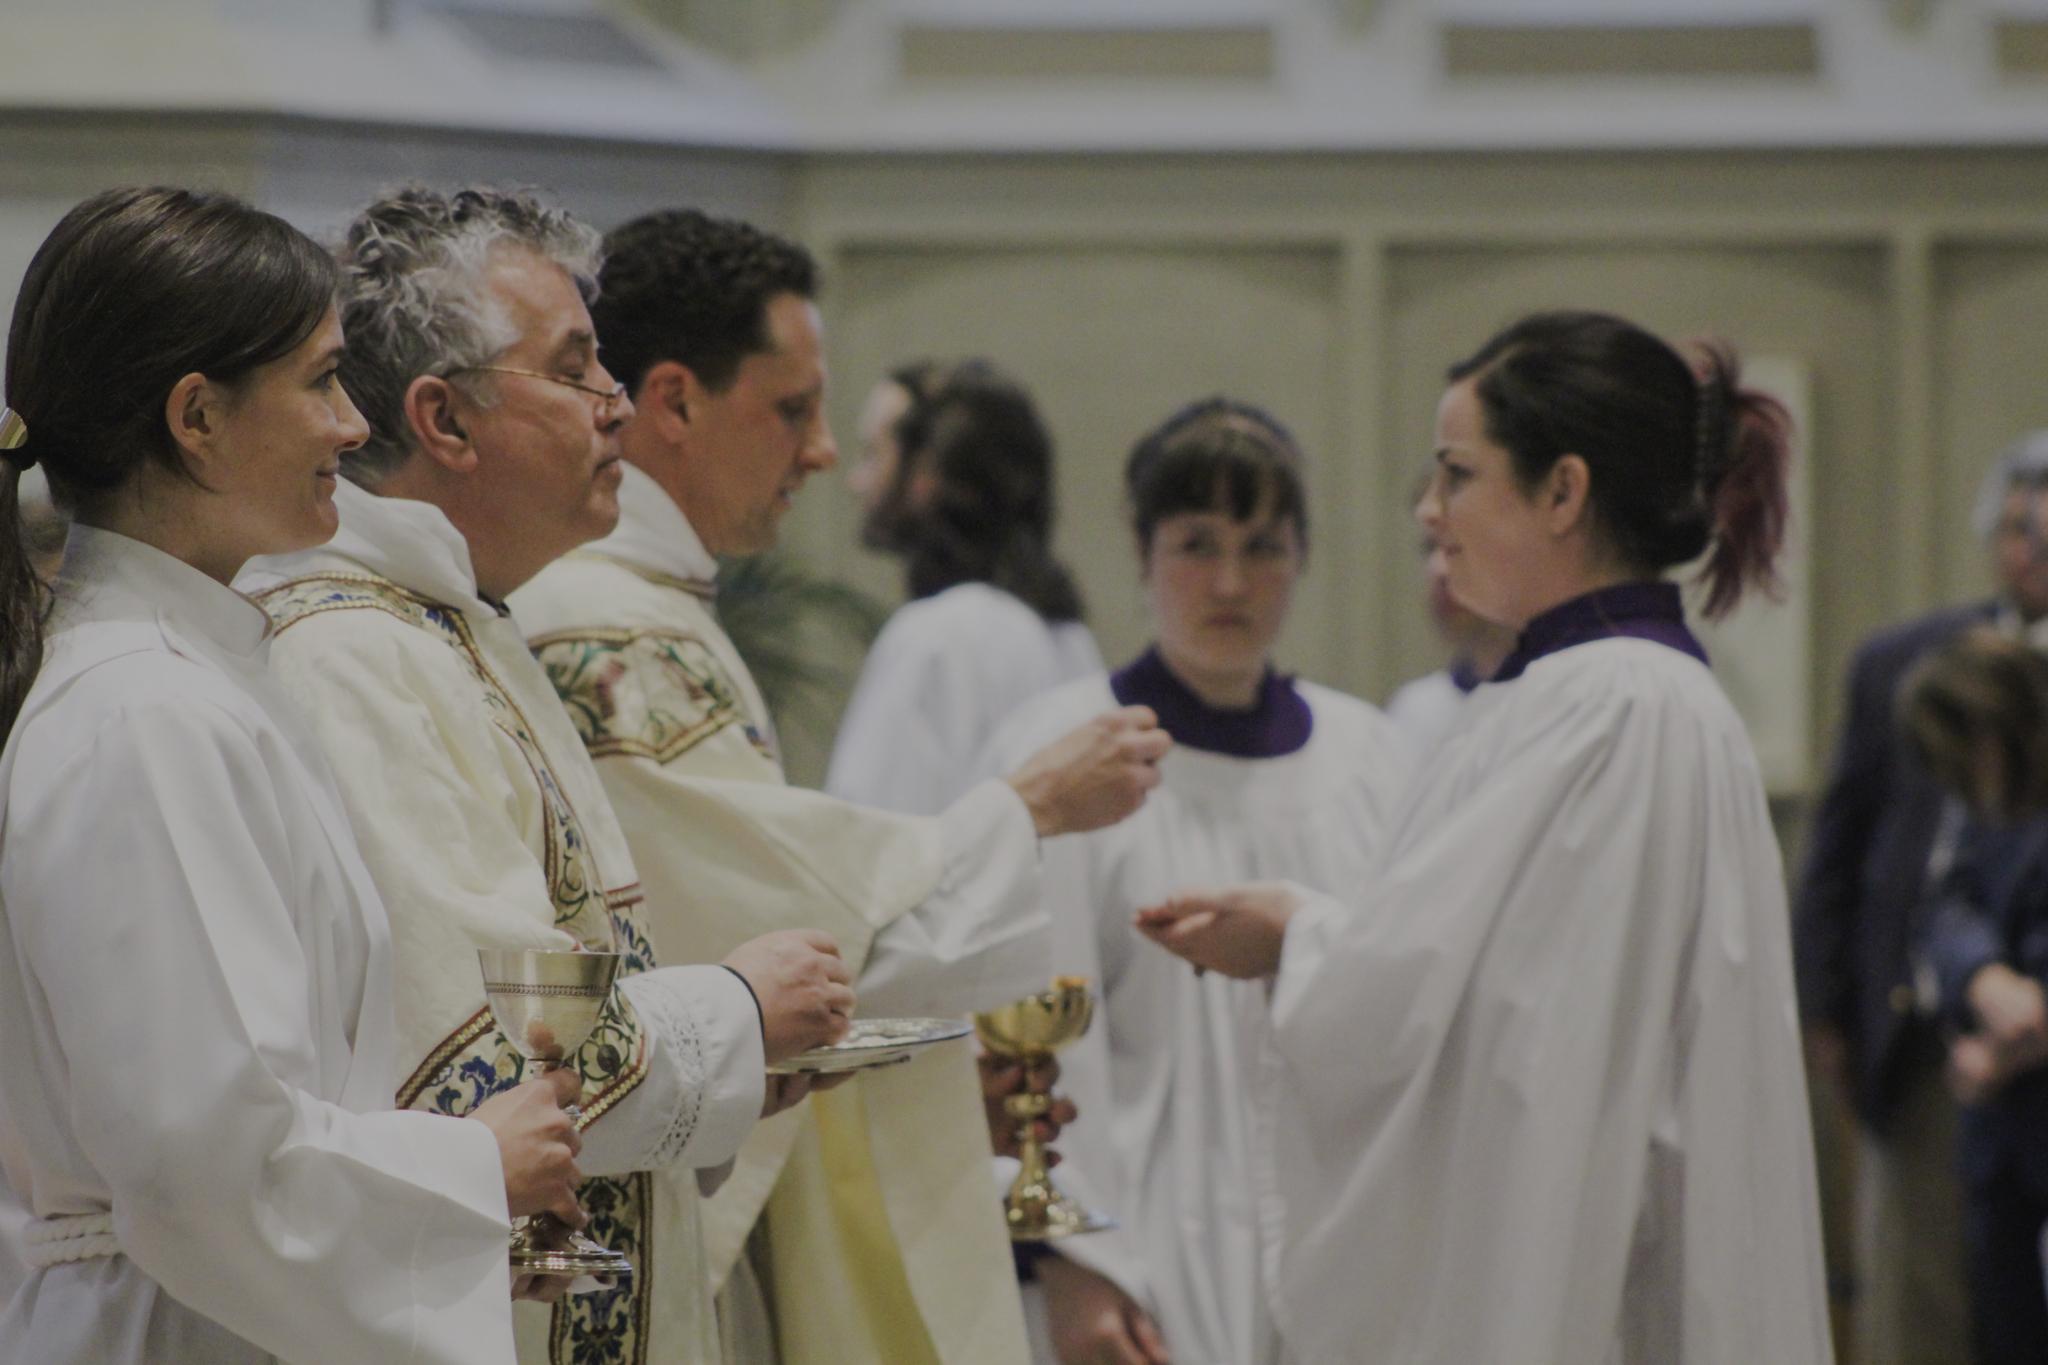 Alice Grant AEHS Eucharist